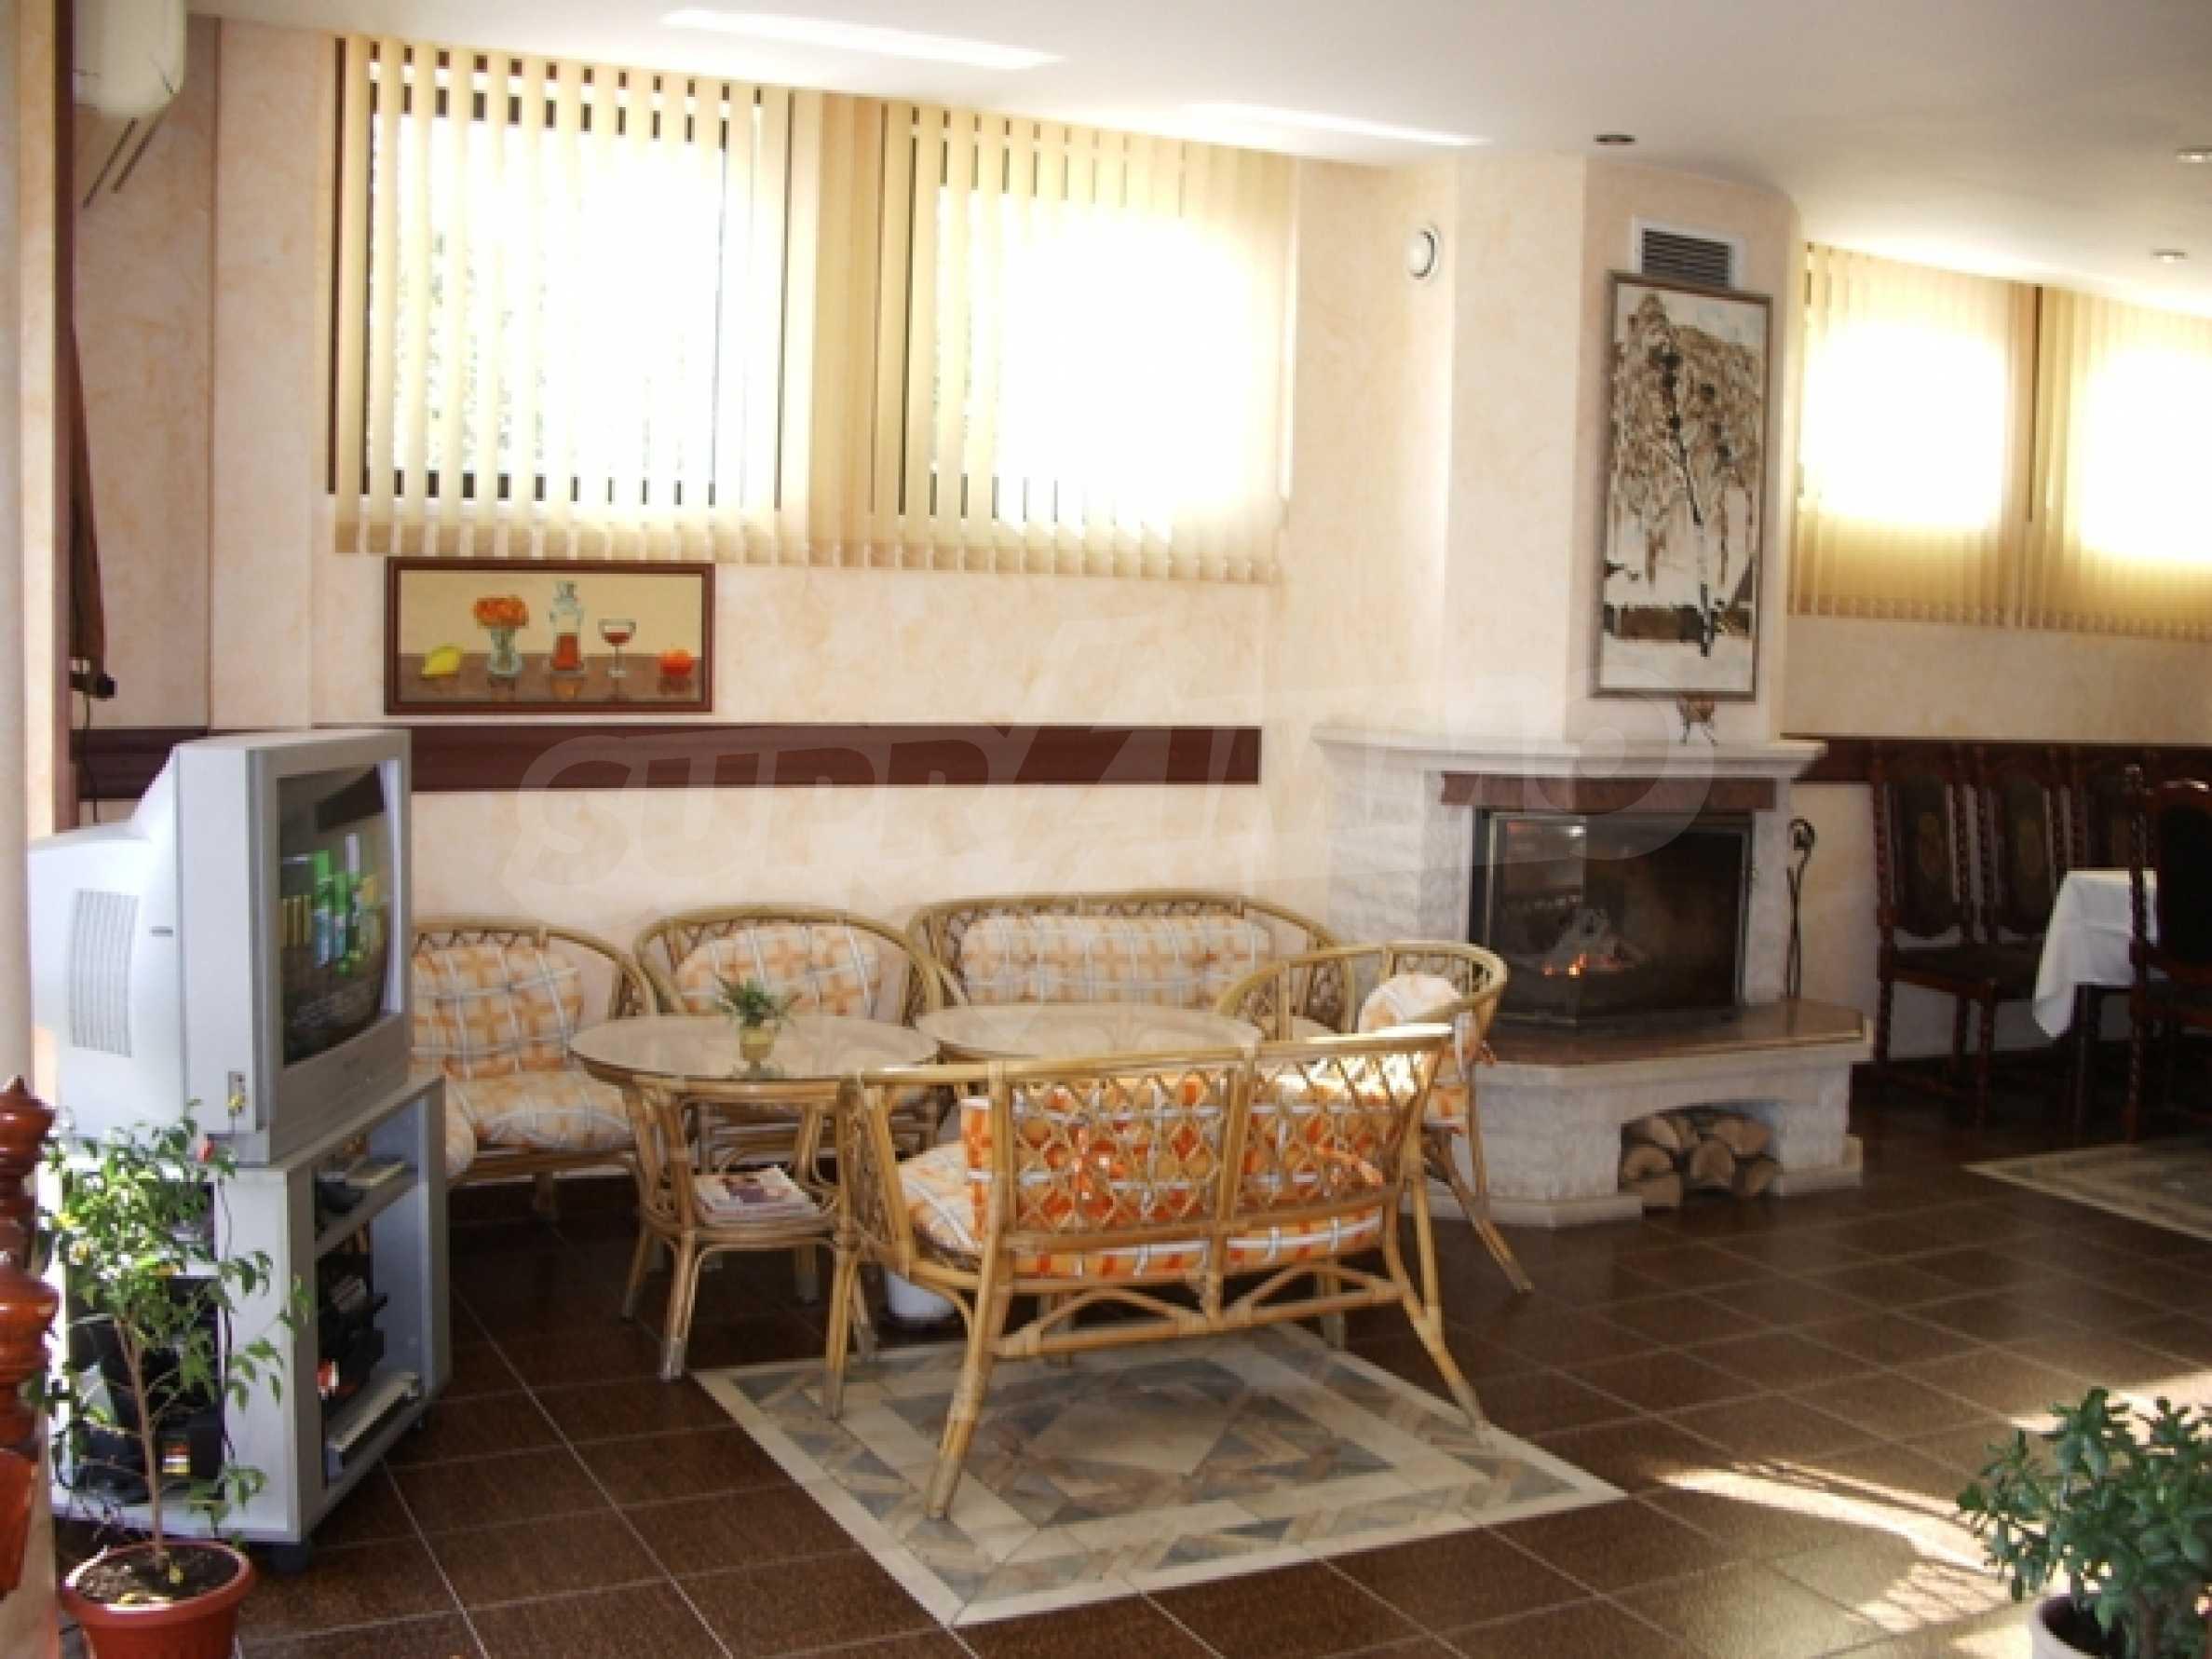 Семеен хотел и хотел-ресторант на първа линия море, до плаж Кабакум 7